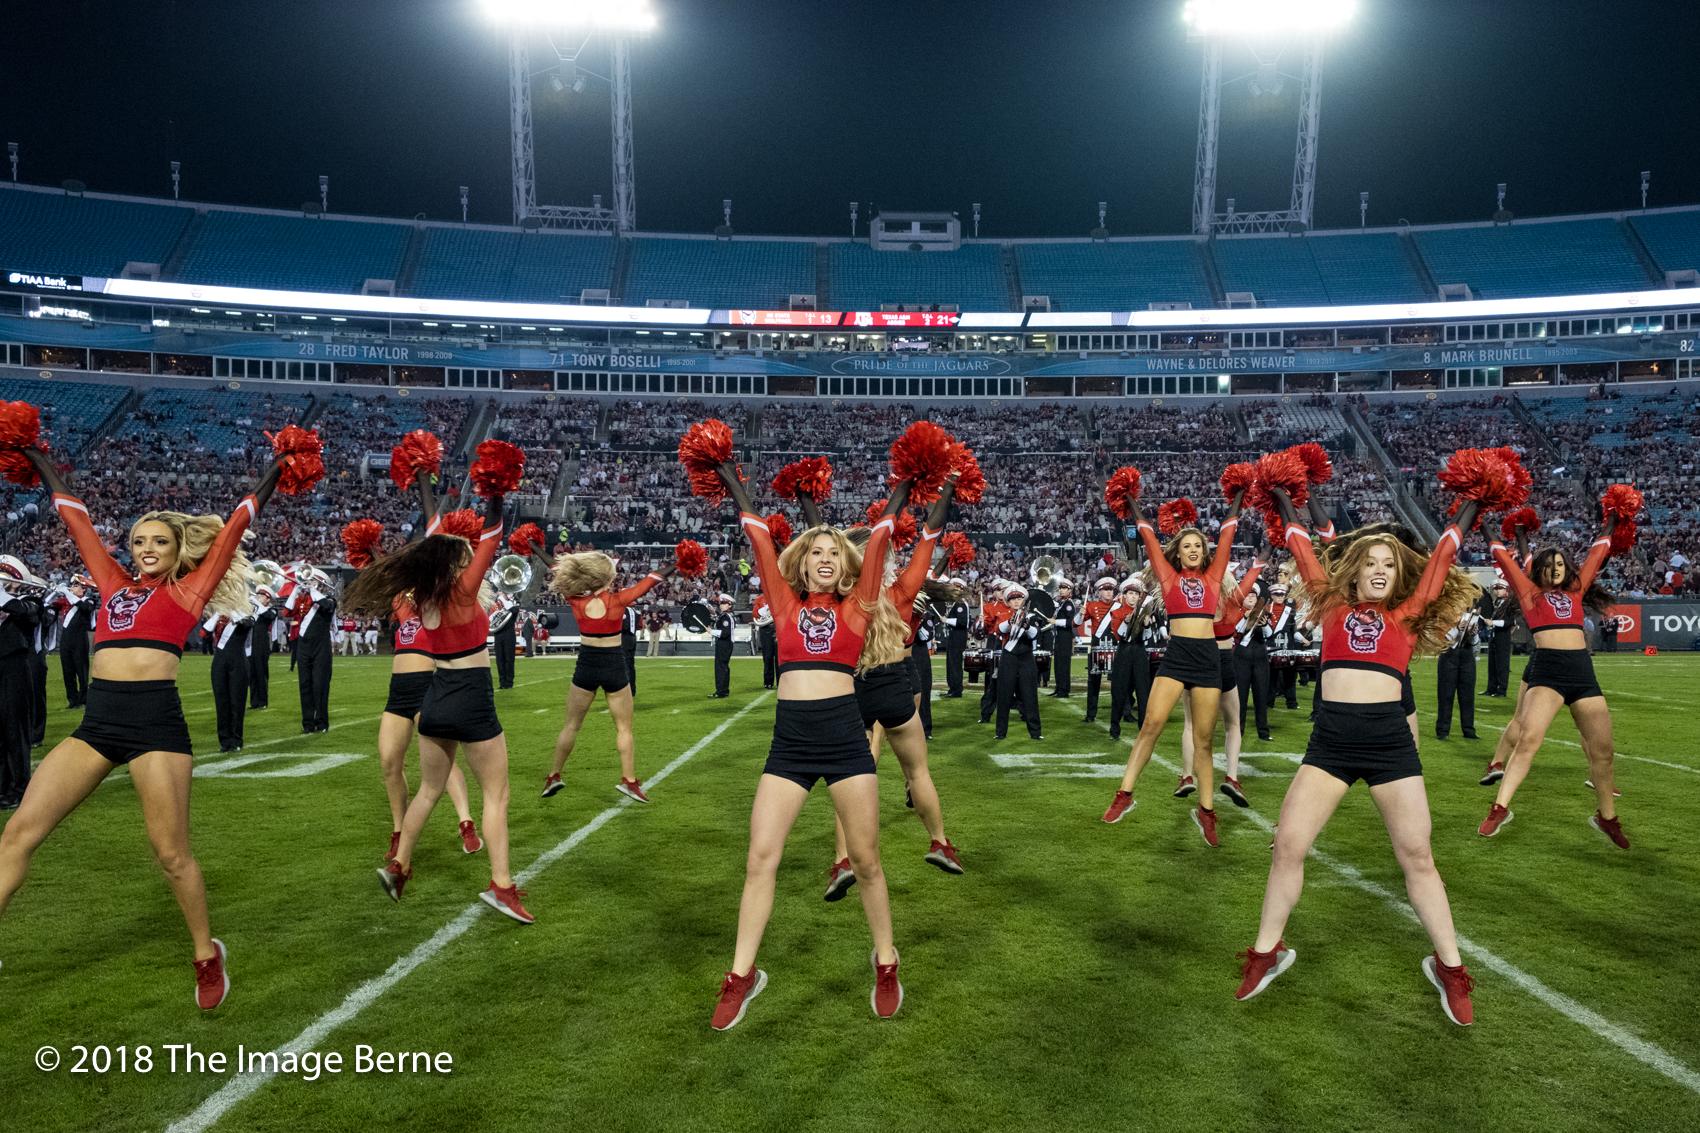 Cheerleaders-100.jpg